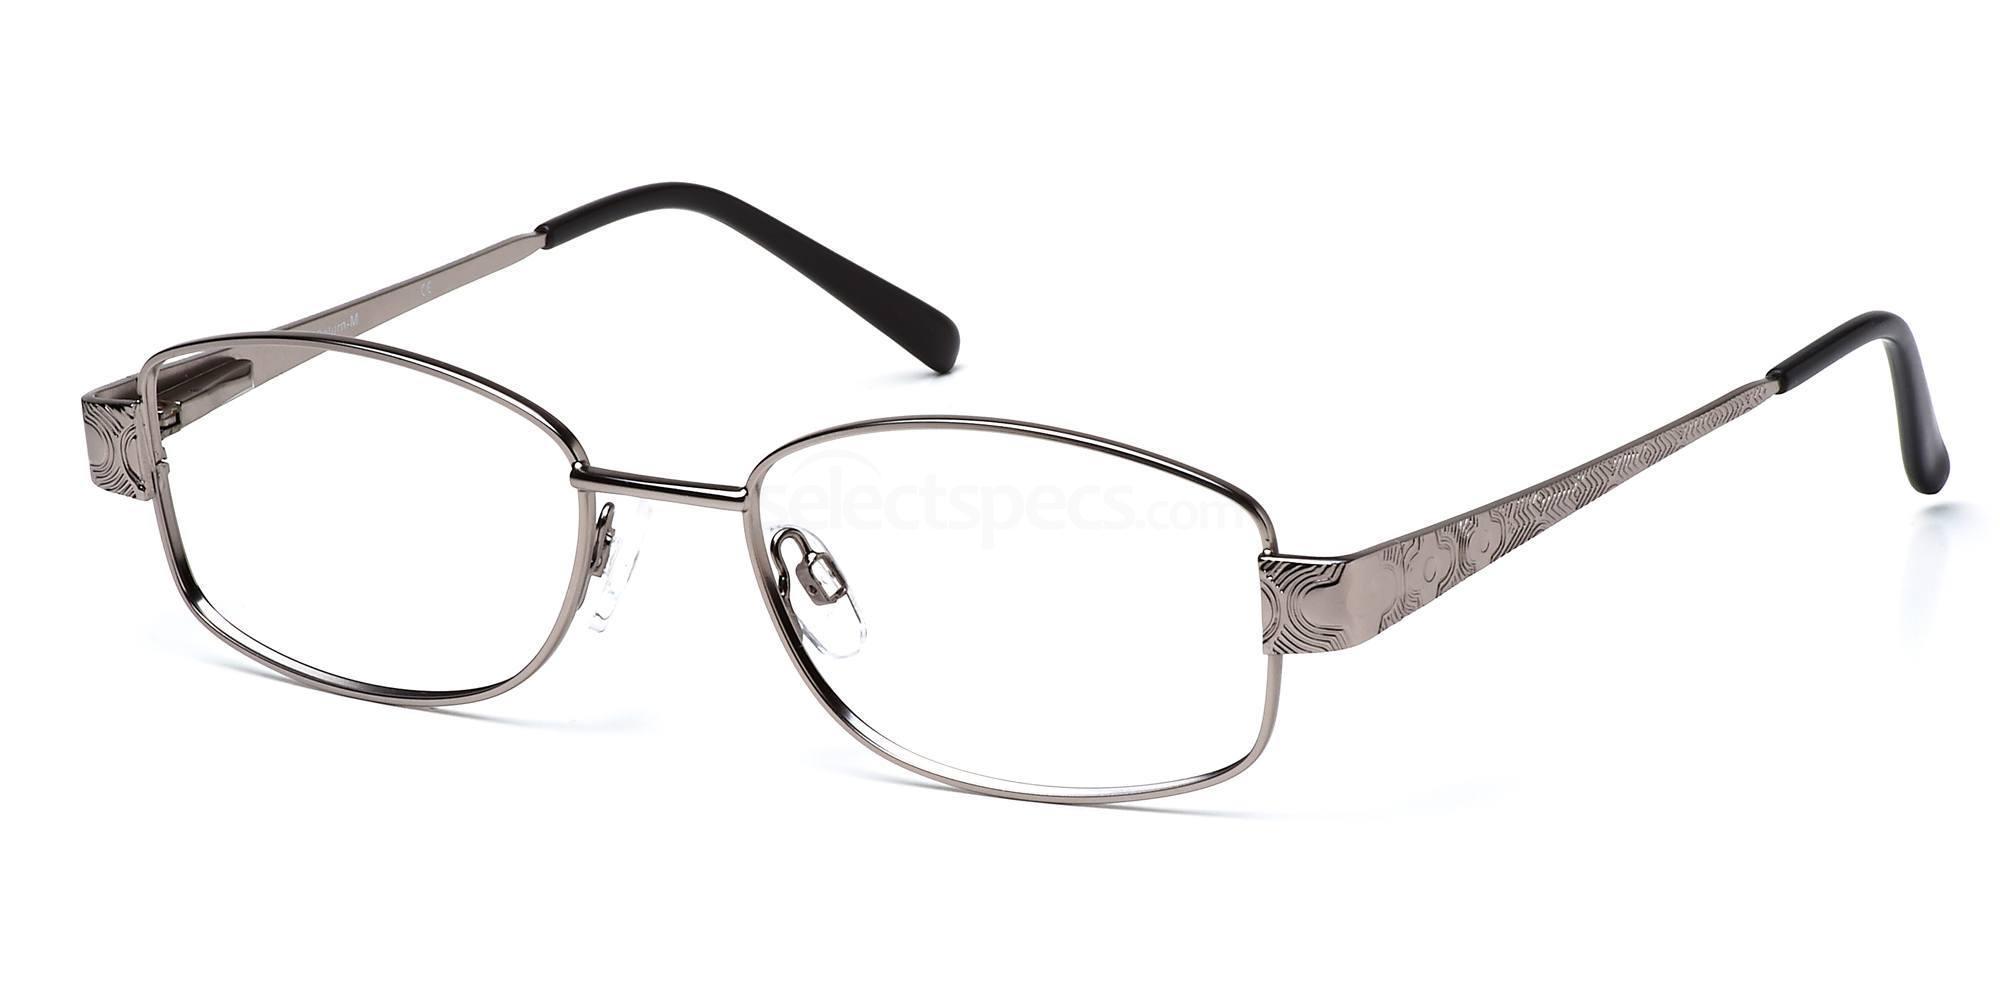 C2 SATM Glasses, Saturn